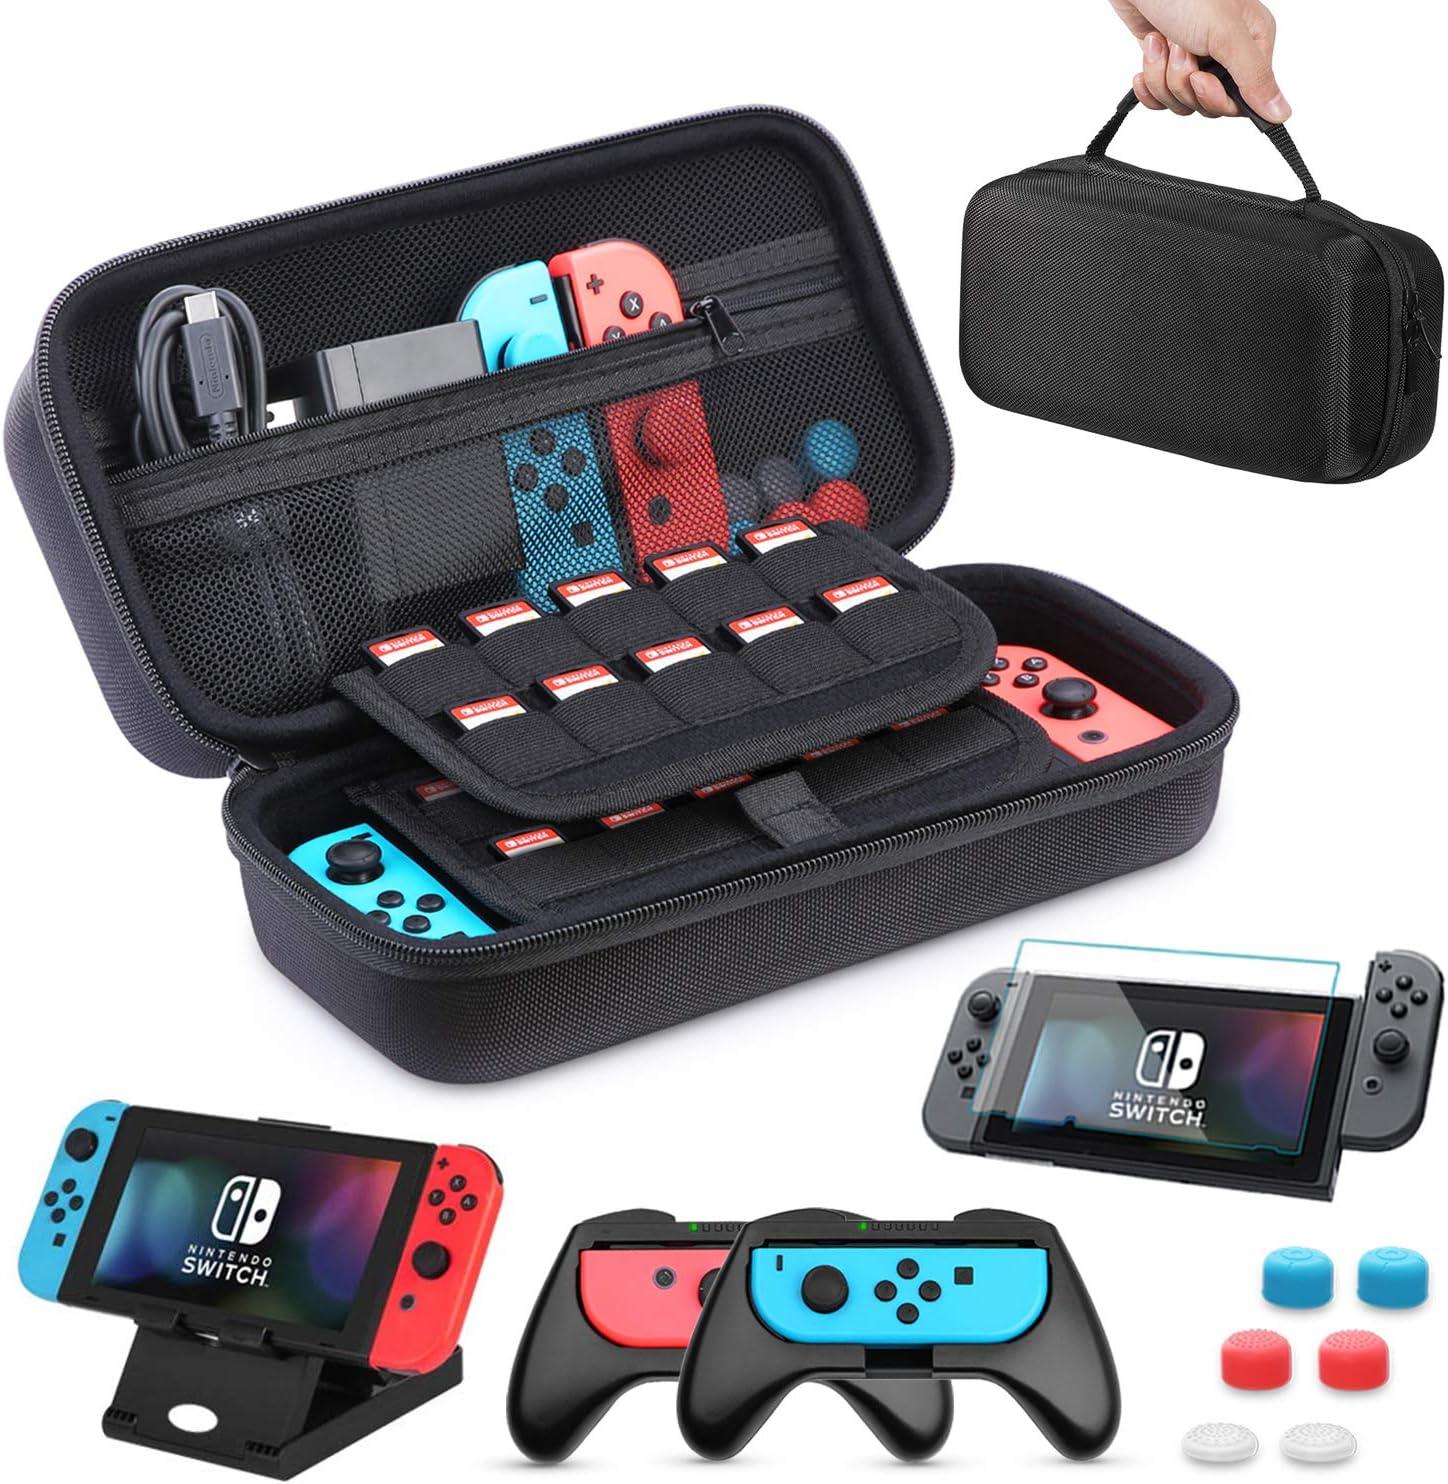 Funda para Nintendo Switch, HEYSTOP 11 en 1 Nintendo Switch Estuche portátil Incluye 2 Joy-Con Grips para Nintendo Switch, PlayStand ajustable, Protector de Pantalla con 6 Tapas de Agarre para Pulgar: Amazon.es: Electrónica